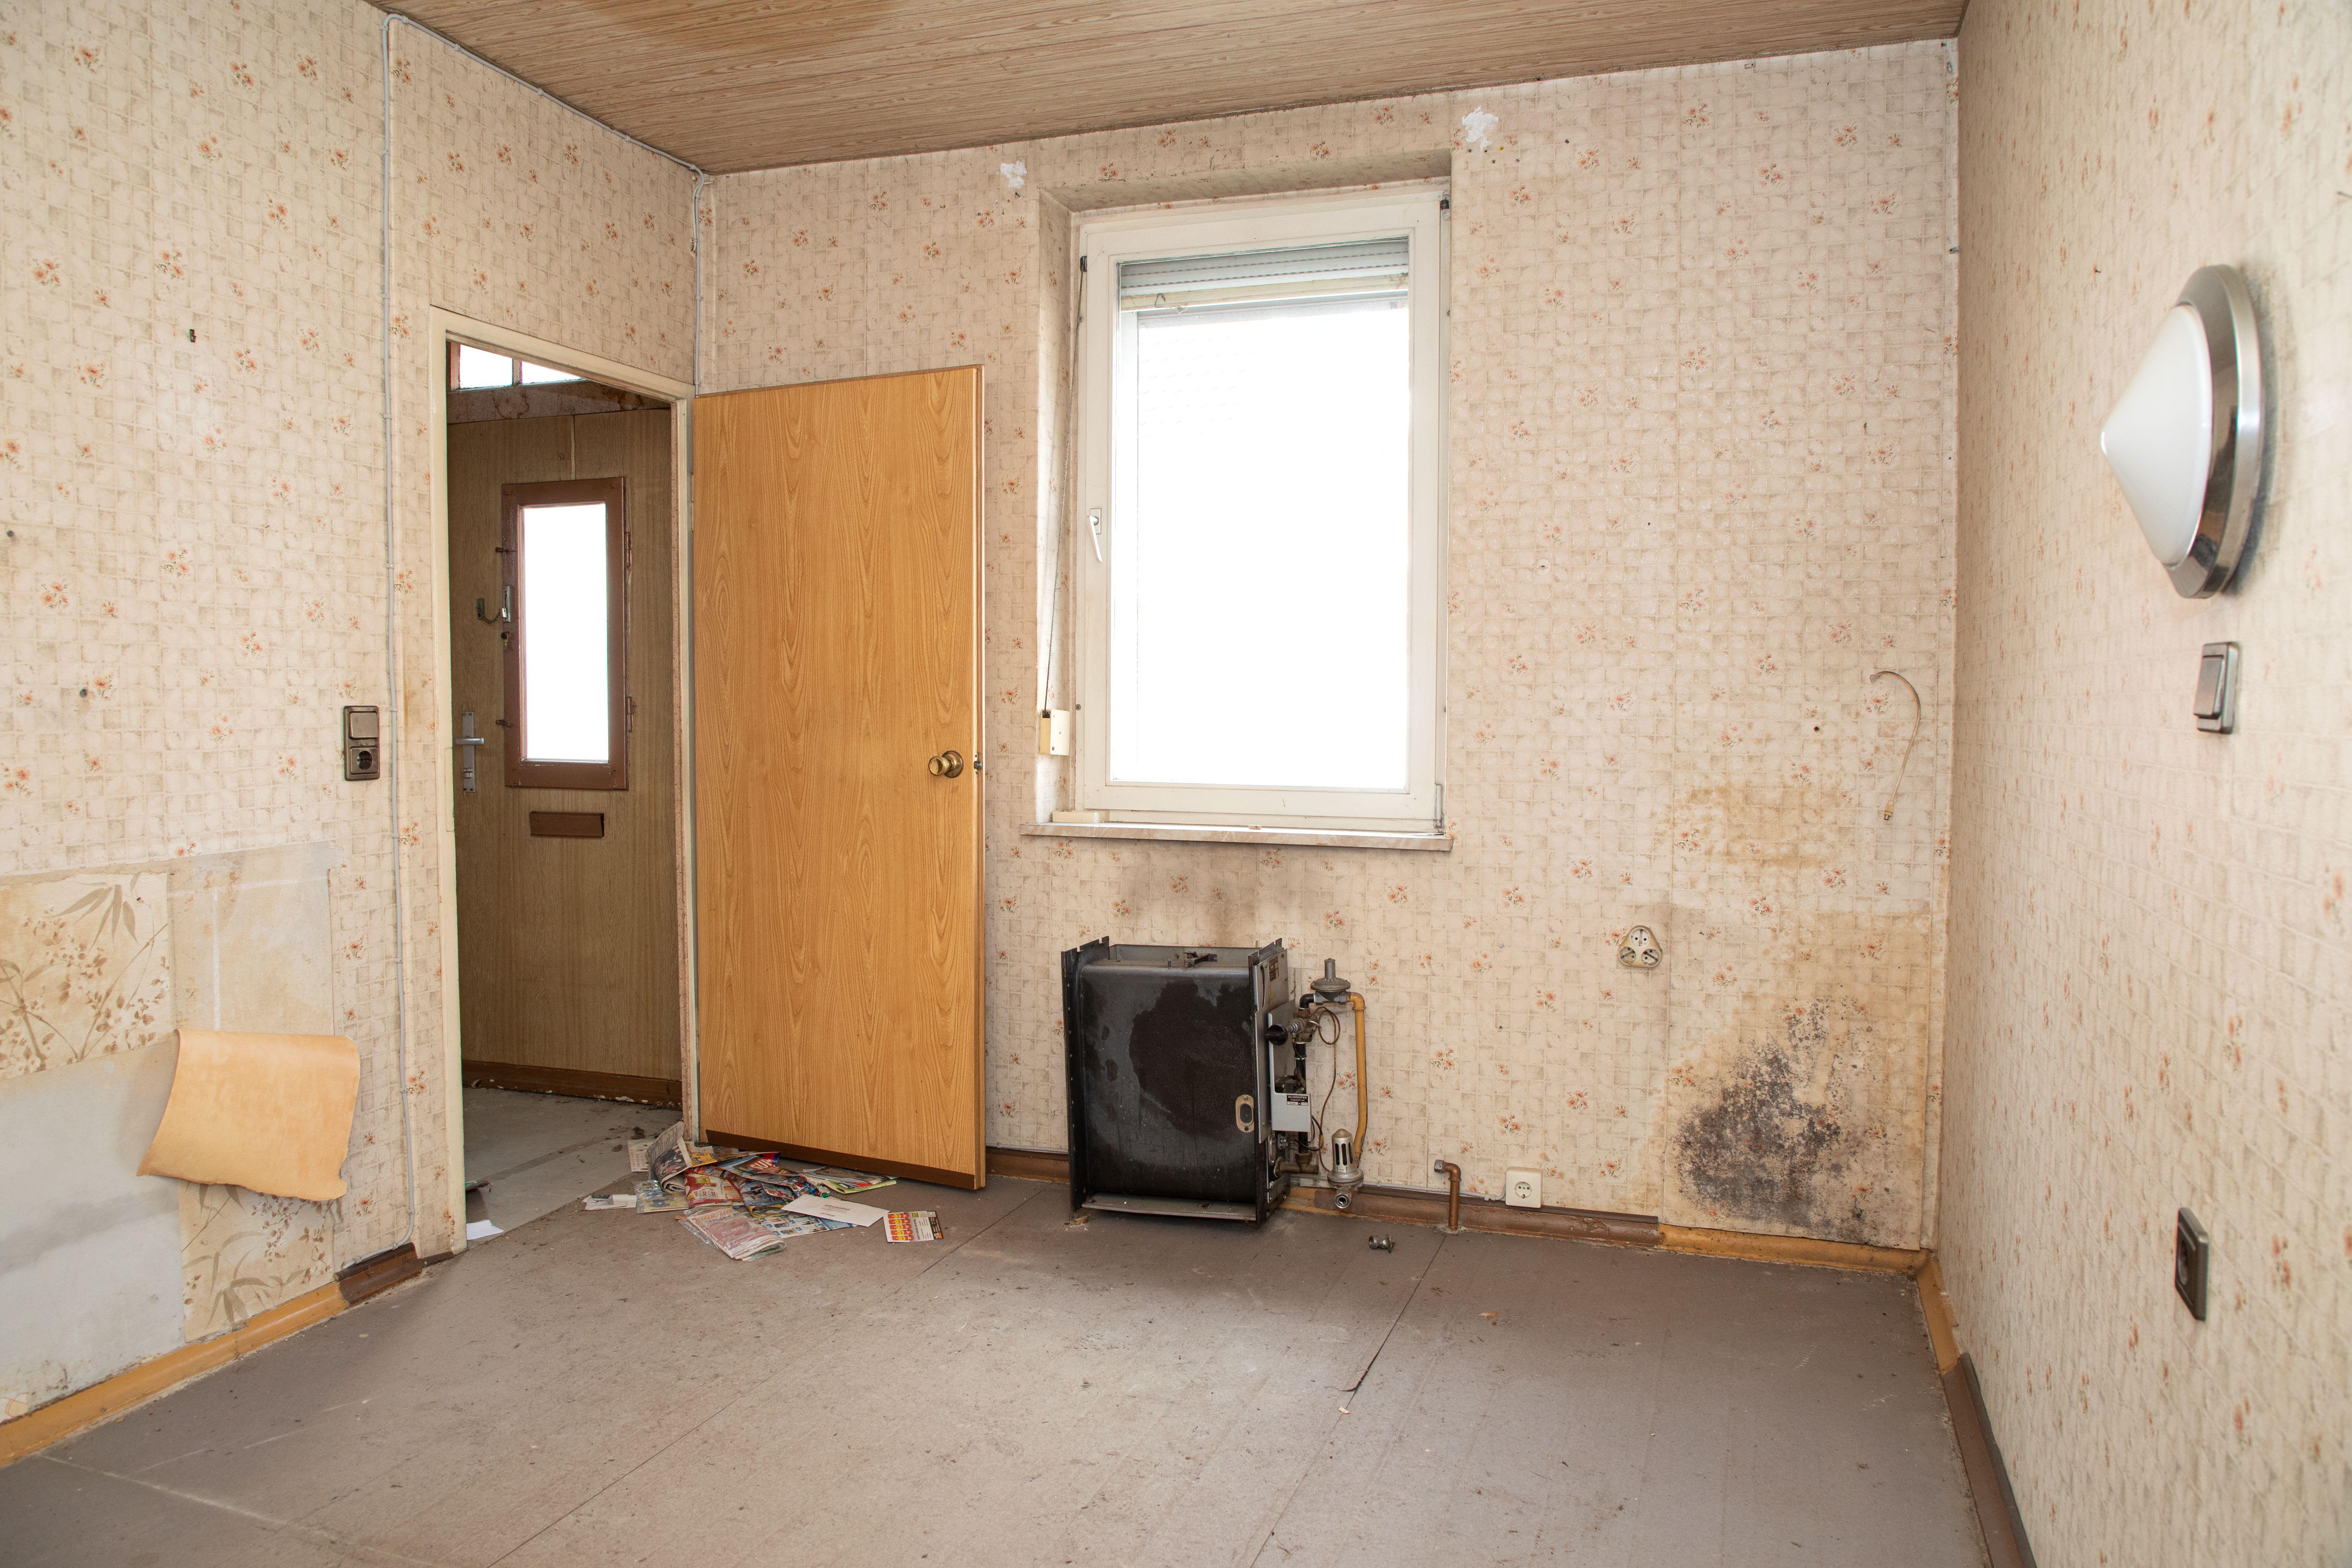 Raum Vor der Sanierung